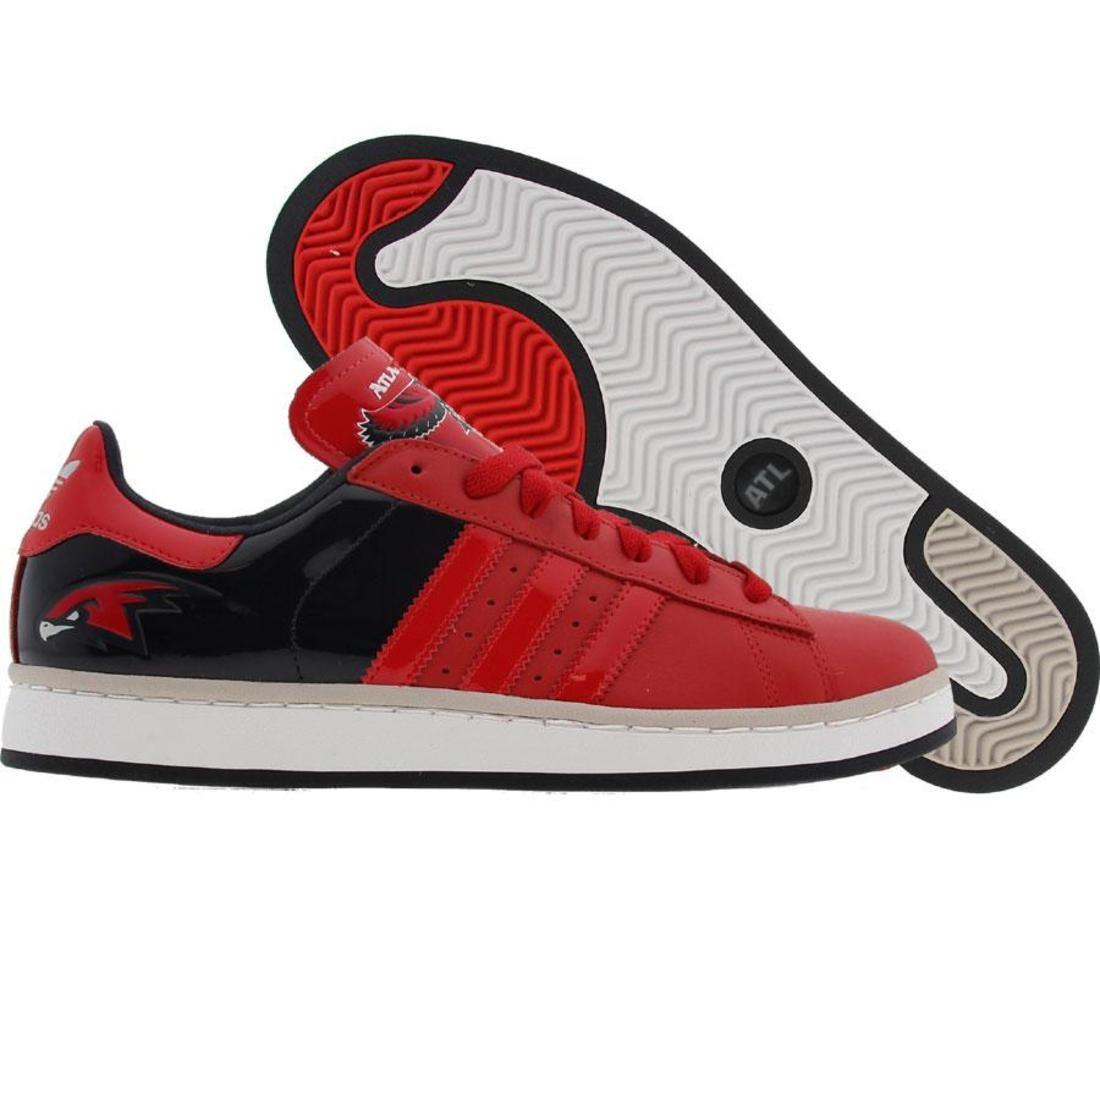 【海外限定】アディダス キャンパス アトランタ ホークス メンズ靴 スニーカー 【 ADIDAS CAMPUS II ATLANTA HAWKS REDSLD COGRSL 】